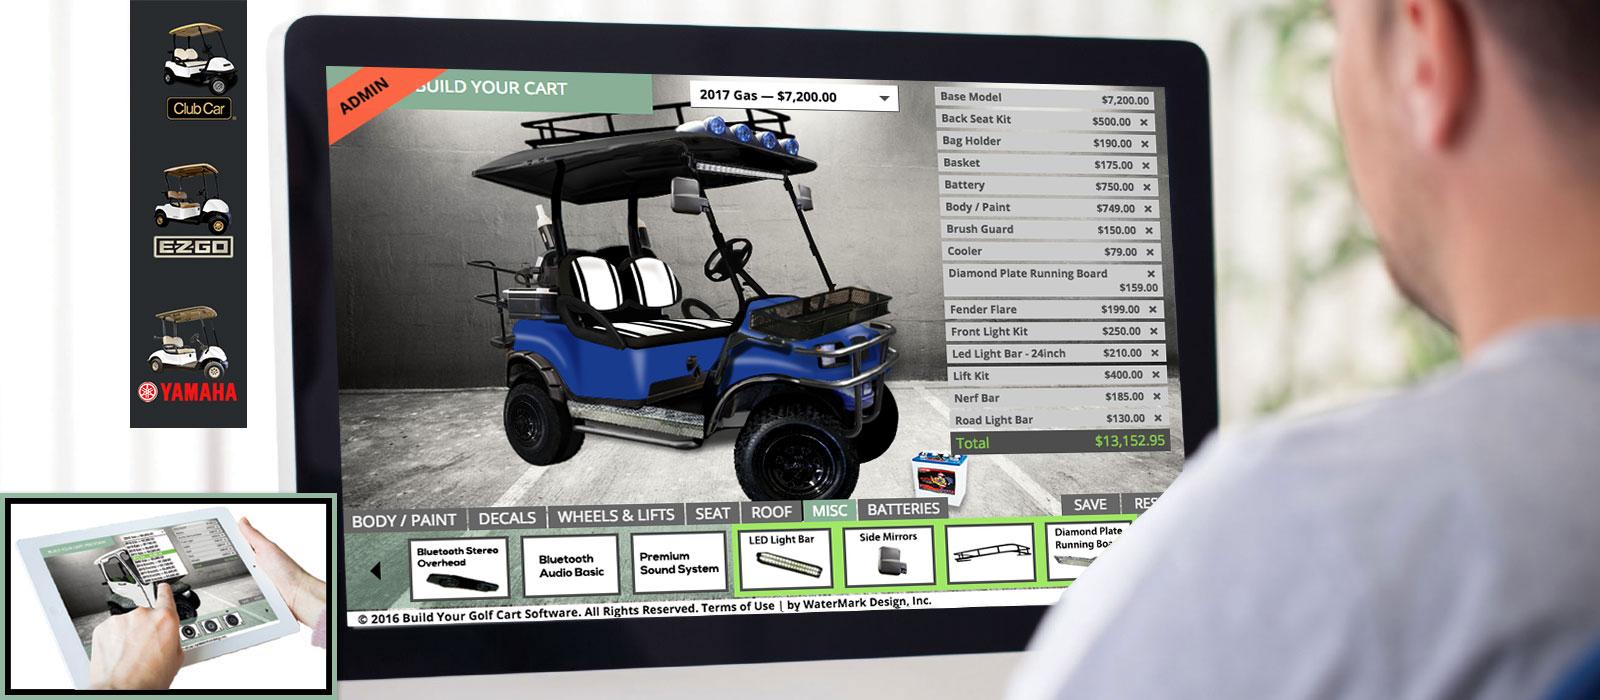 build-your-golf-cart-online-computer-v2 Online Form Builder Business on